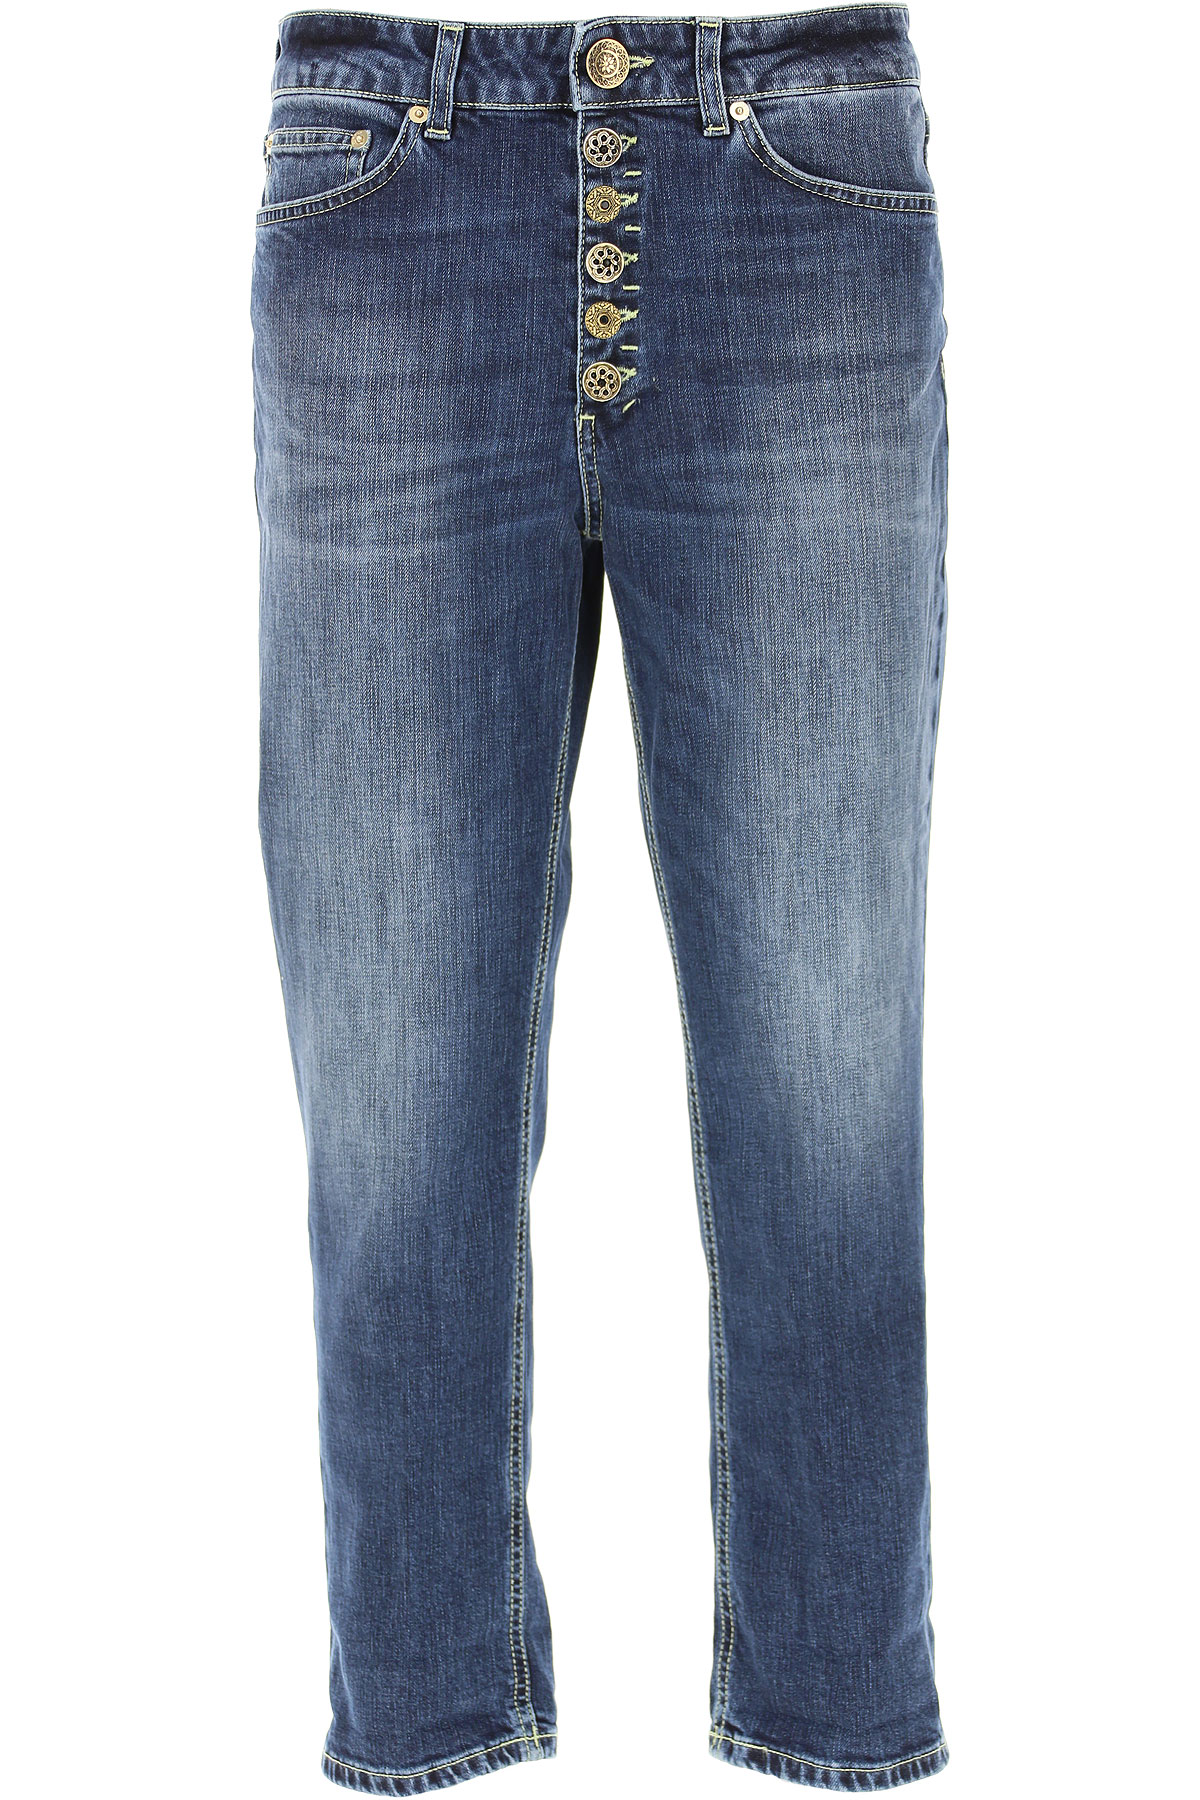 Dondup Jeans, Denim Blue, Cotton, 2019, 27 28